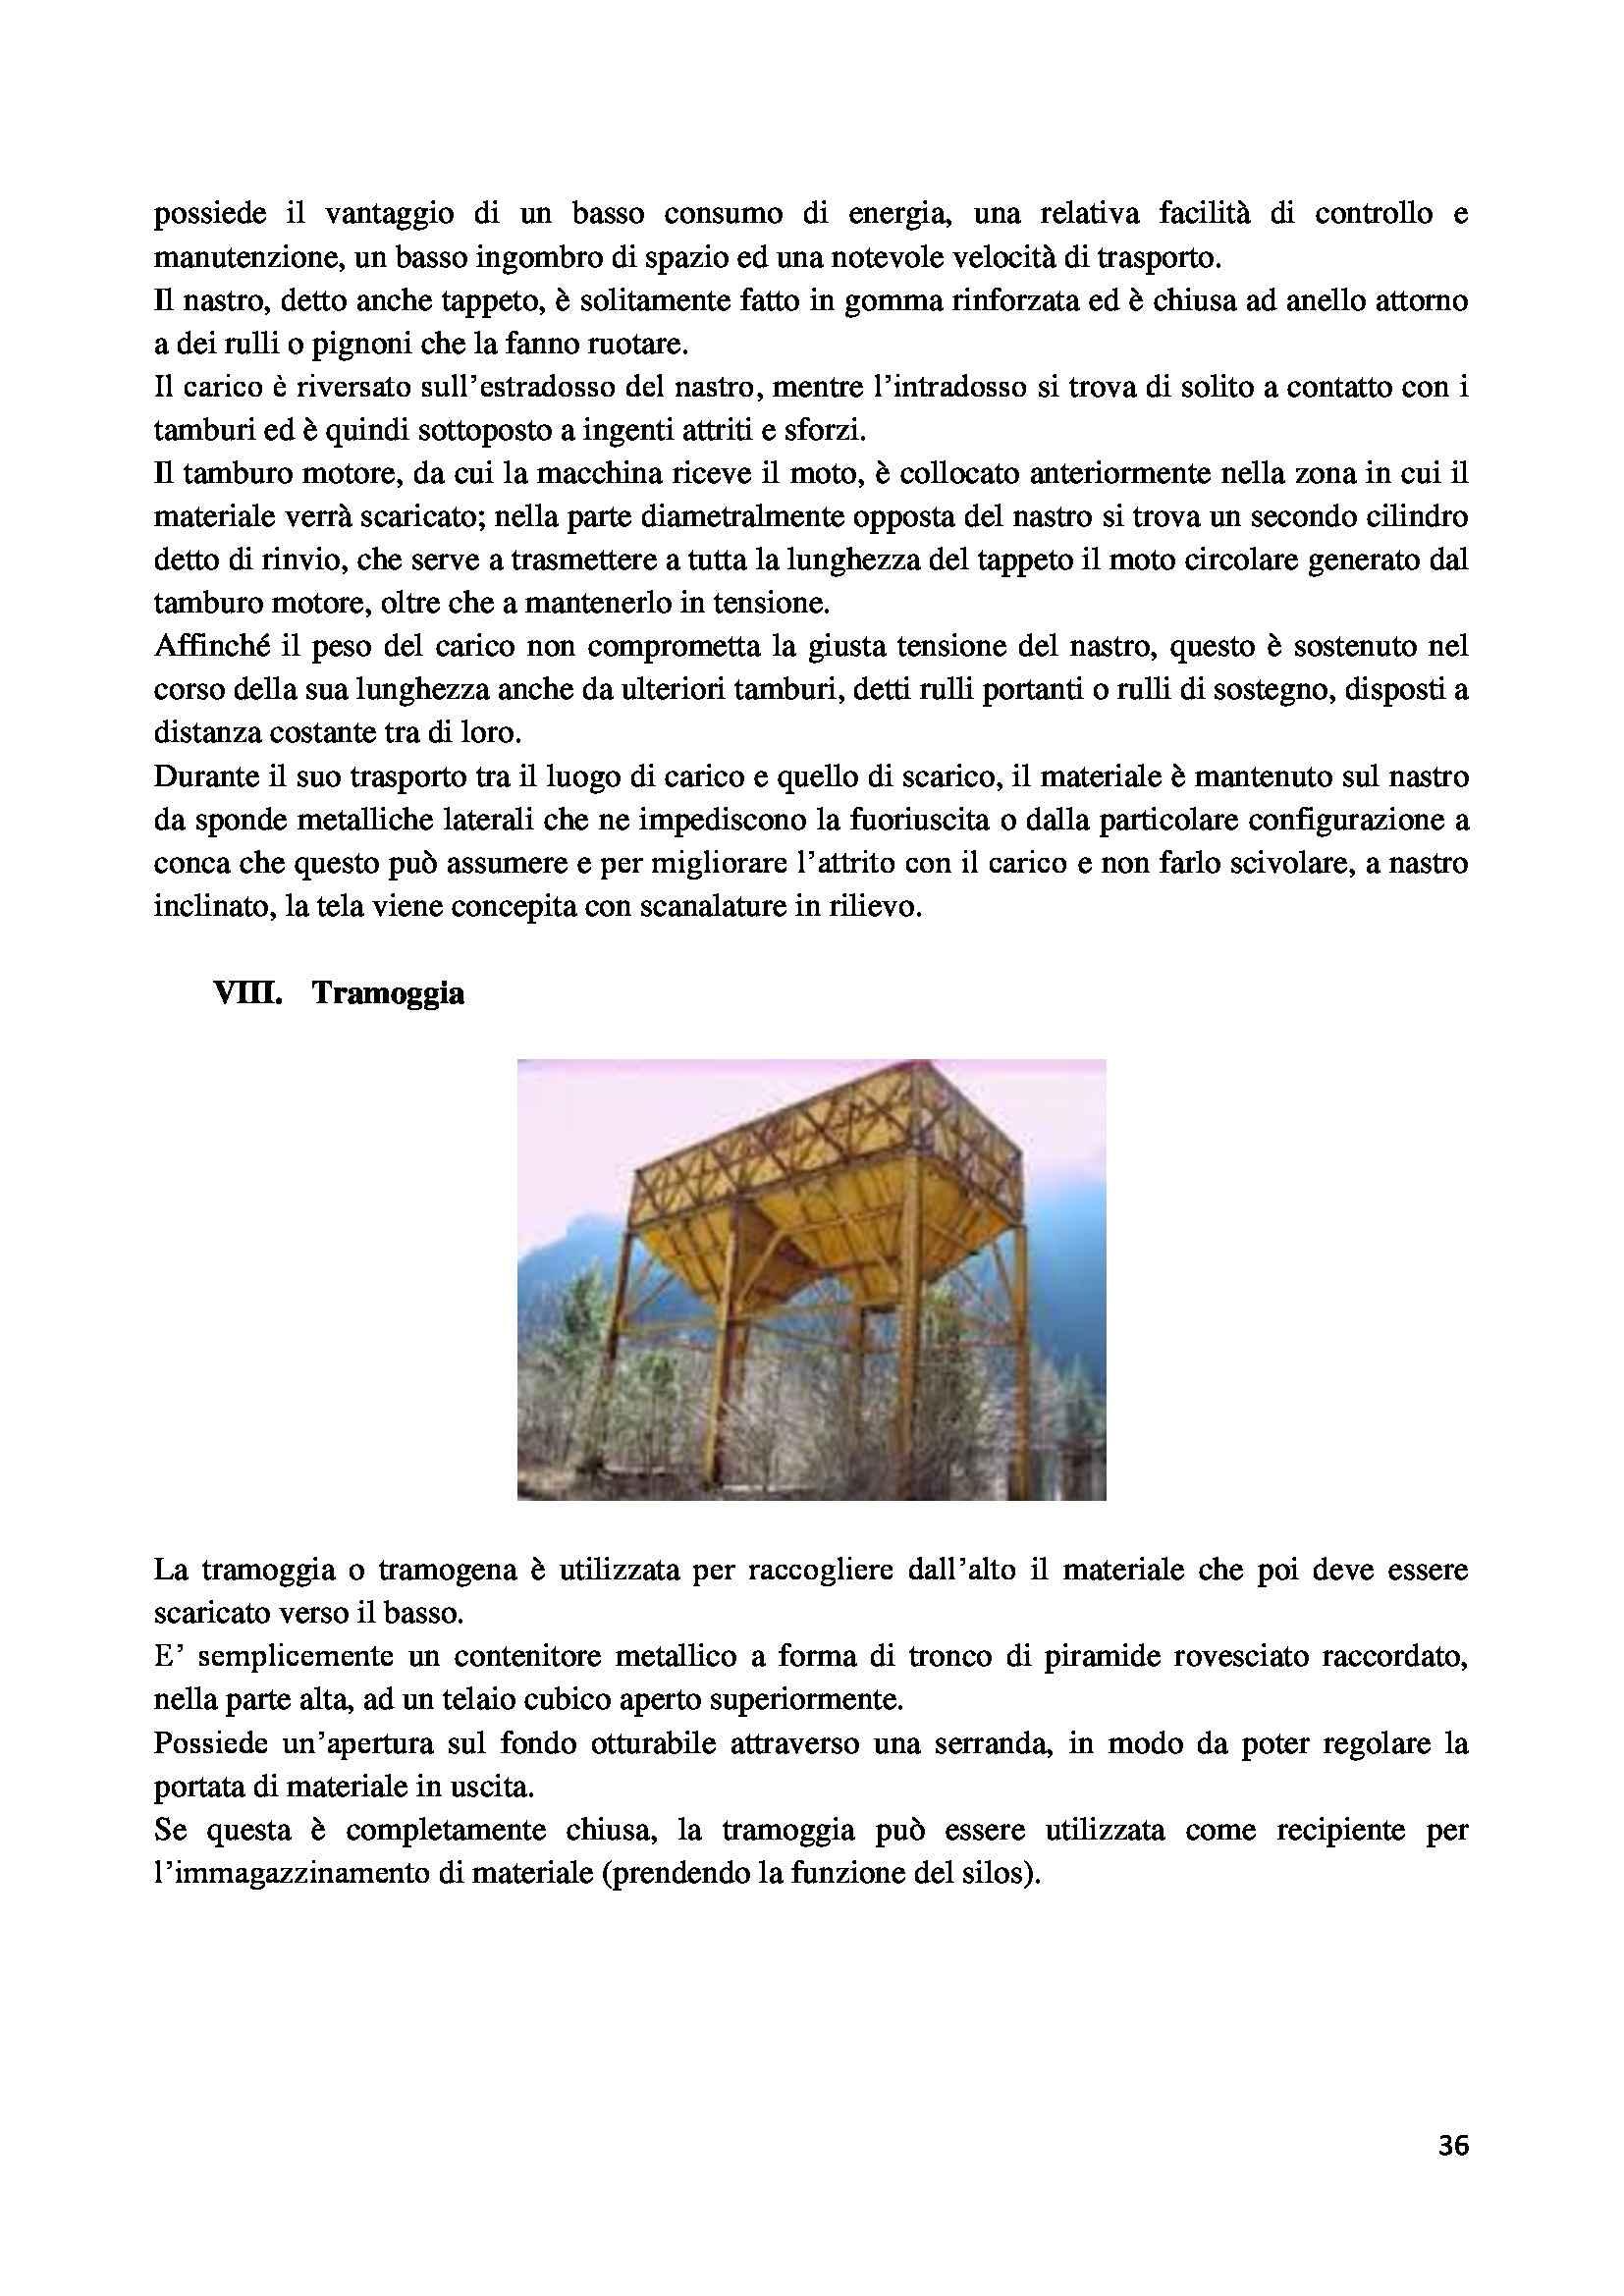 Tesi triennale - L'impianto di trattamento degli inerti del consorzio Cave Bologna: aspetti tecnici e ambientali Pag. 36